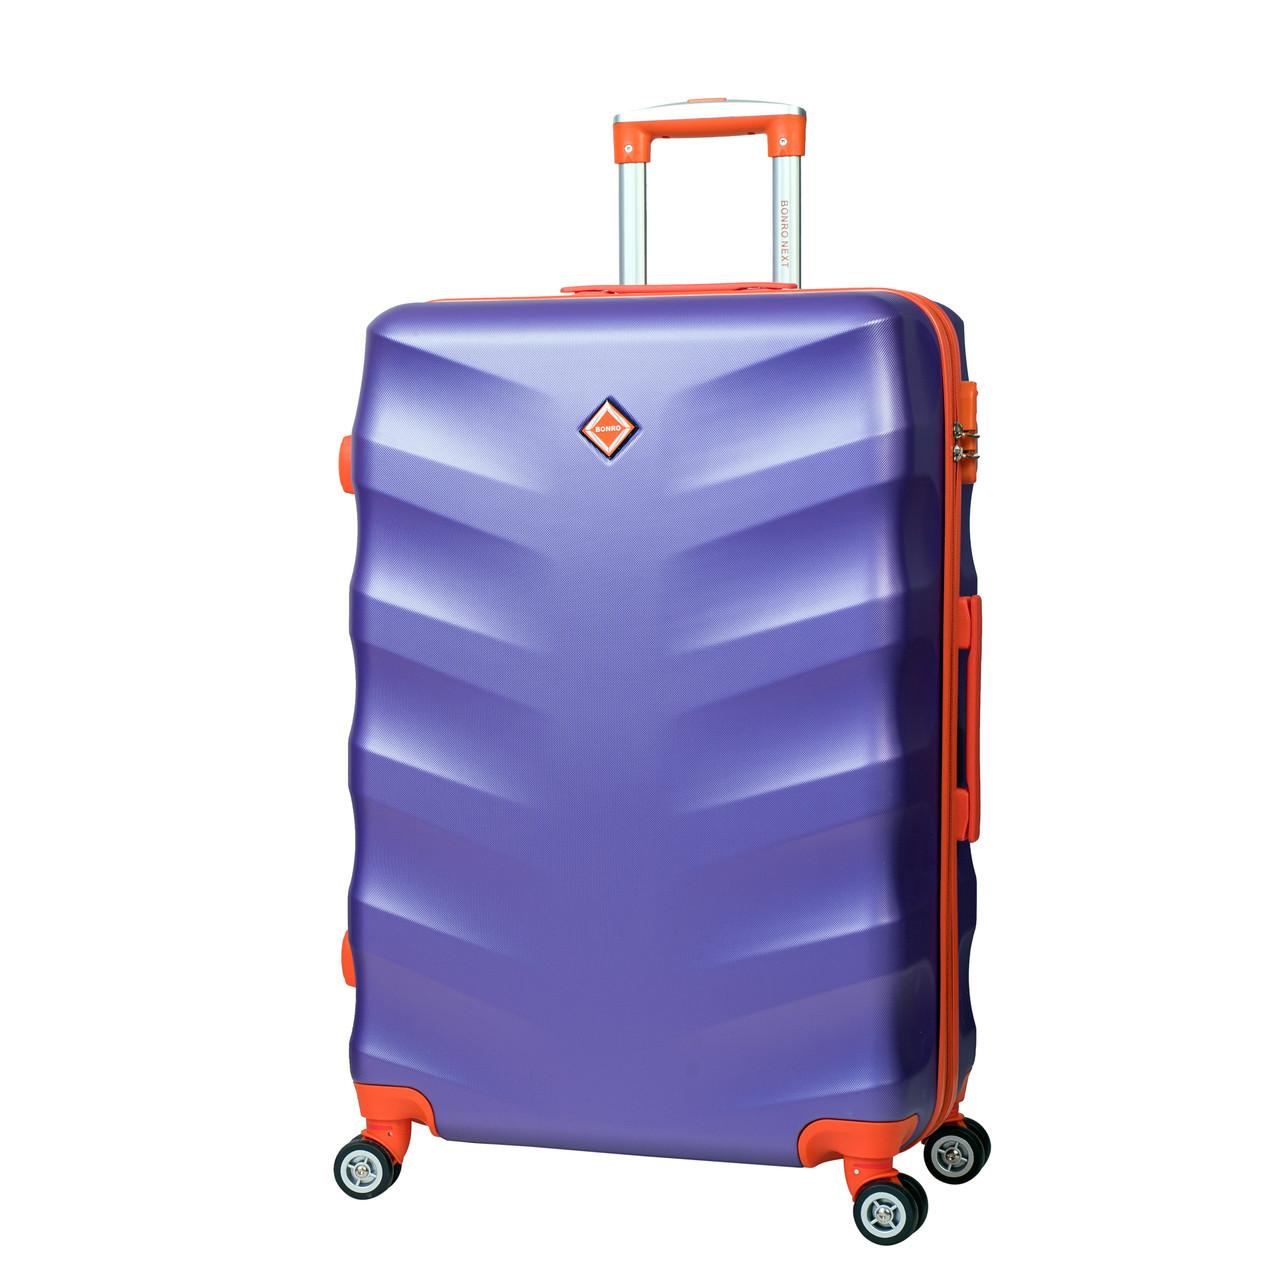 Дорожный Чемодан Bonro Next (средний). Цвет Фиолетовый. — в Категории